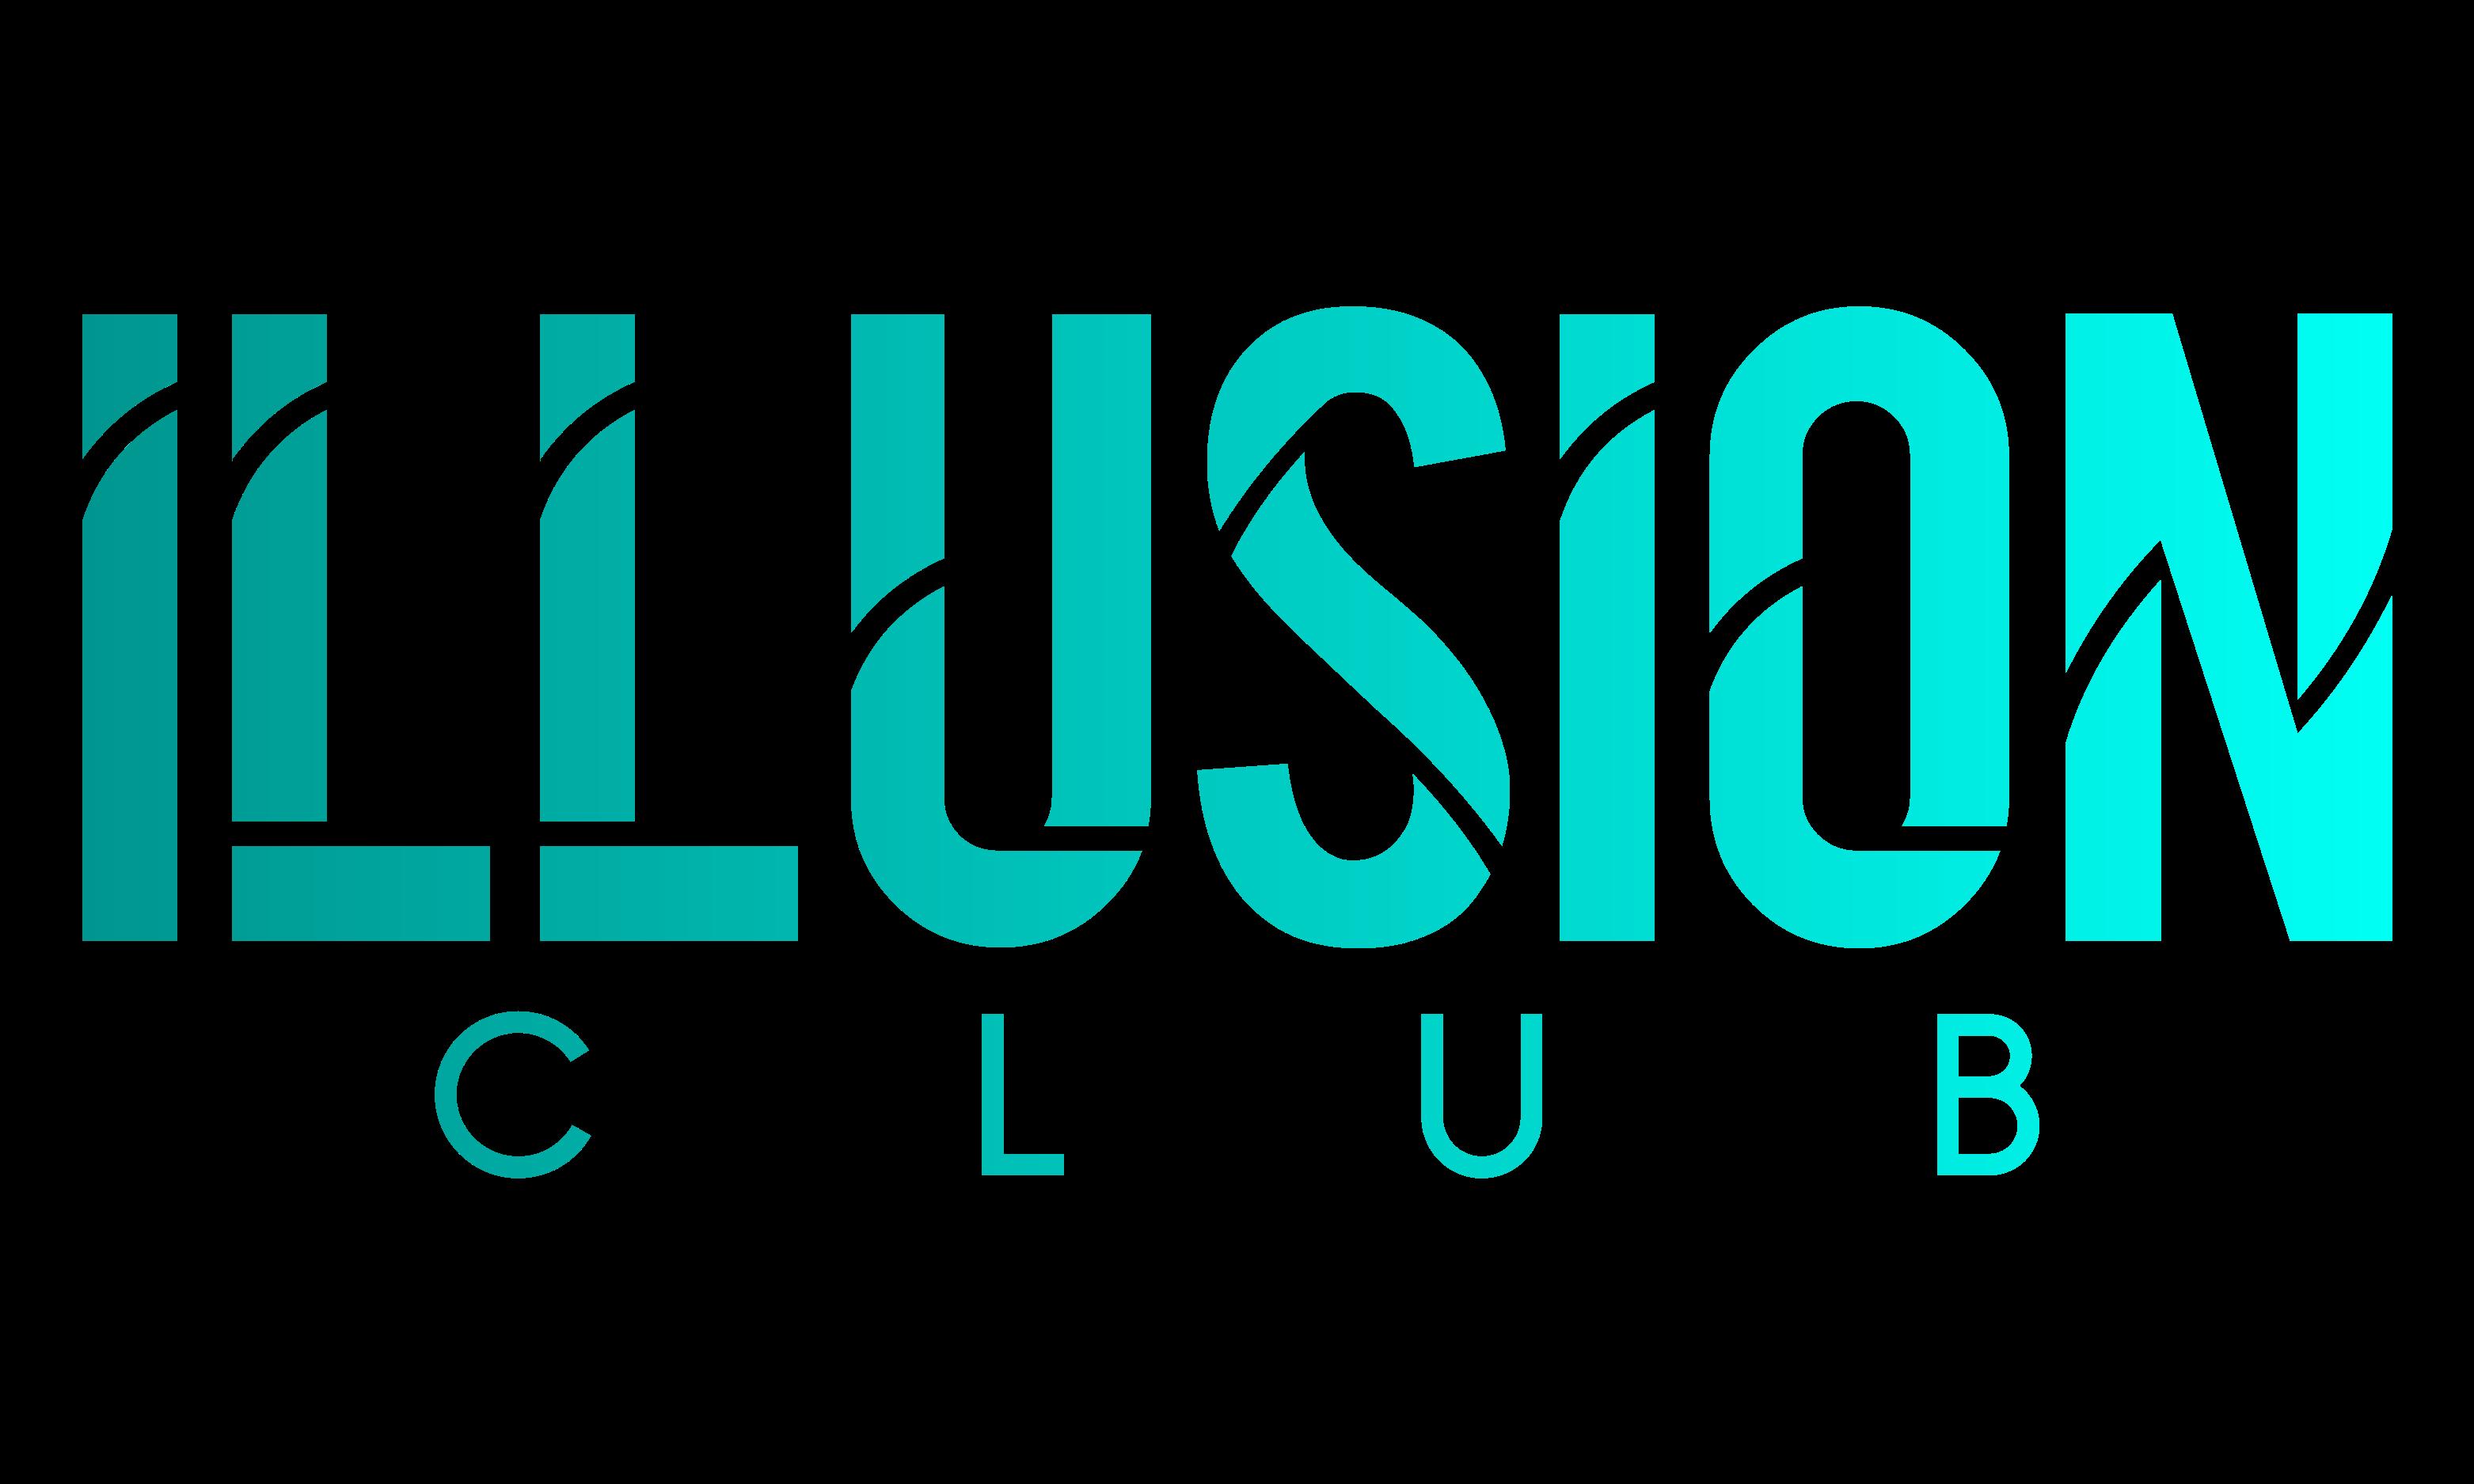 Logo Illusion trasparente